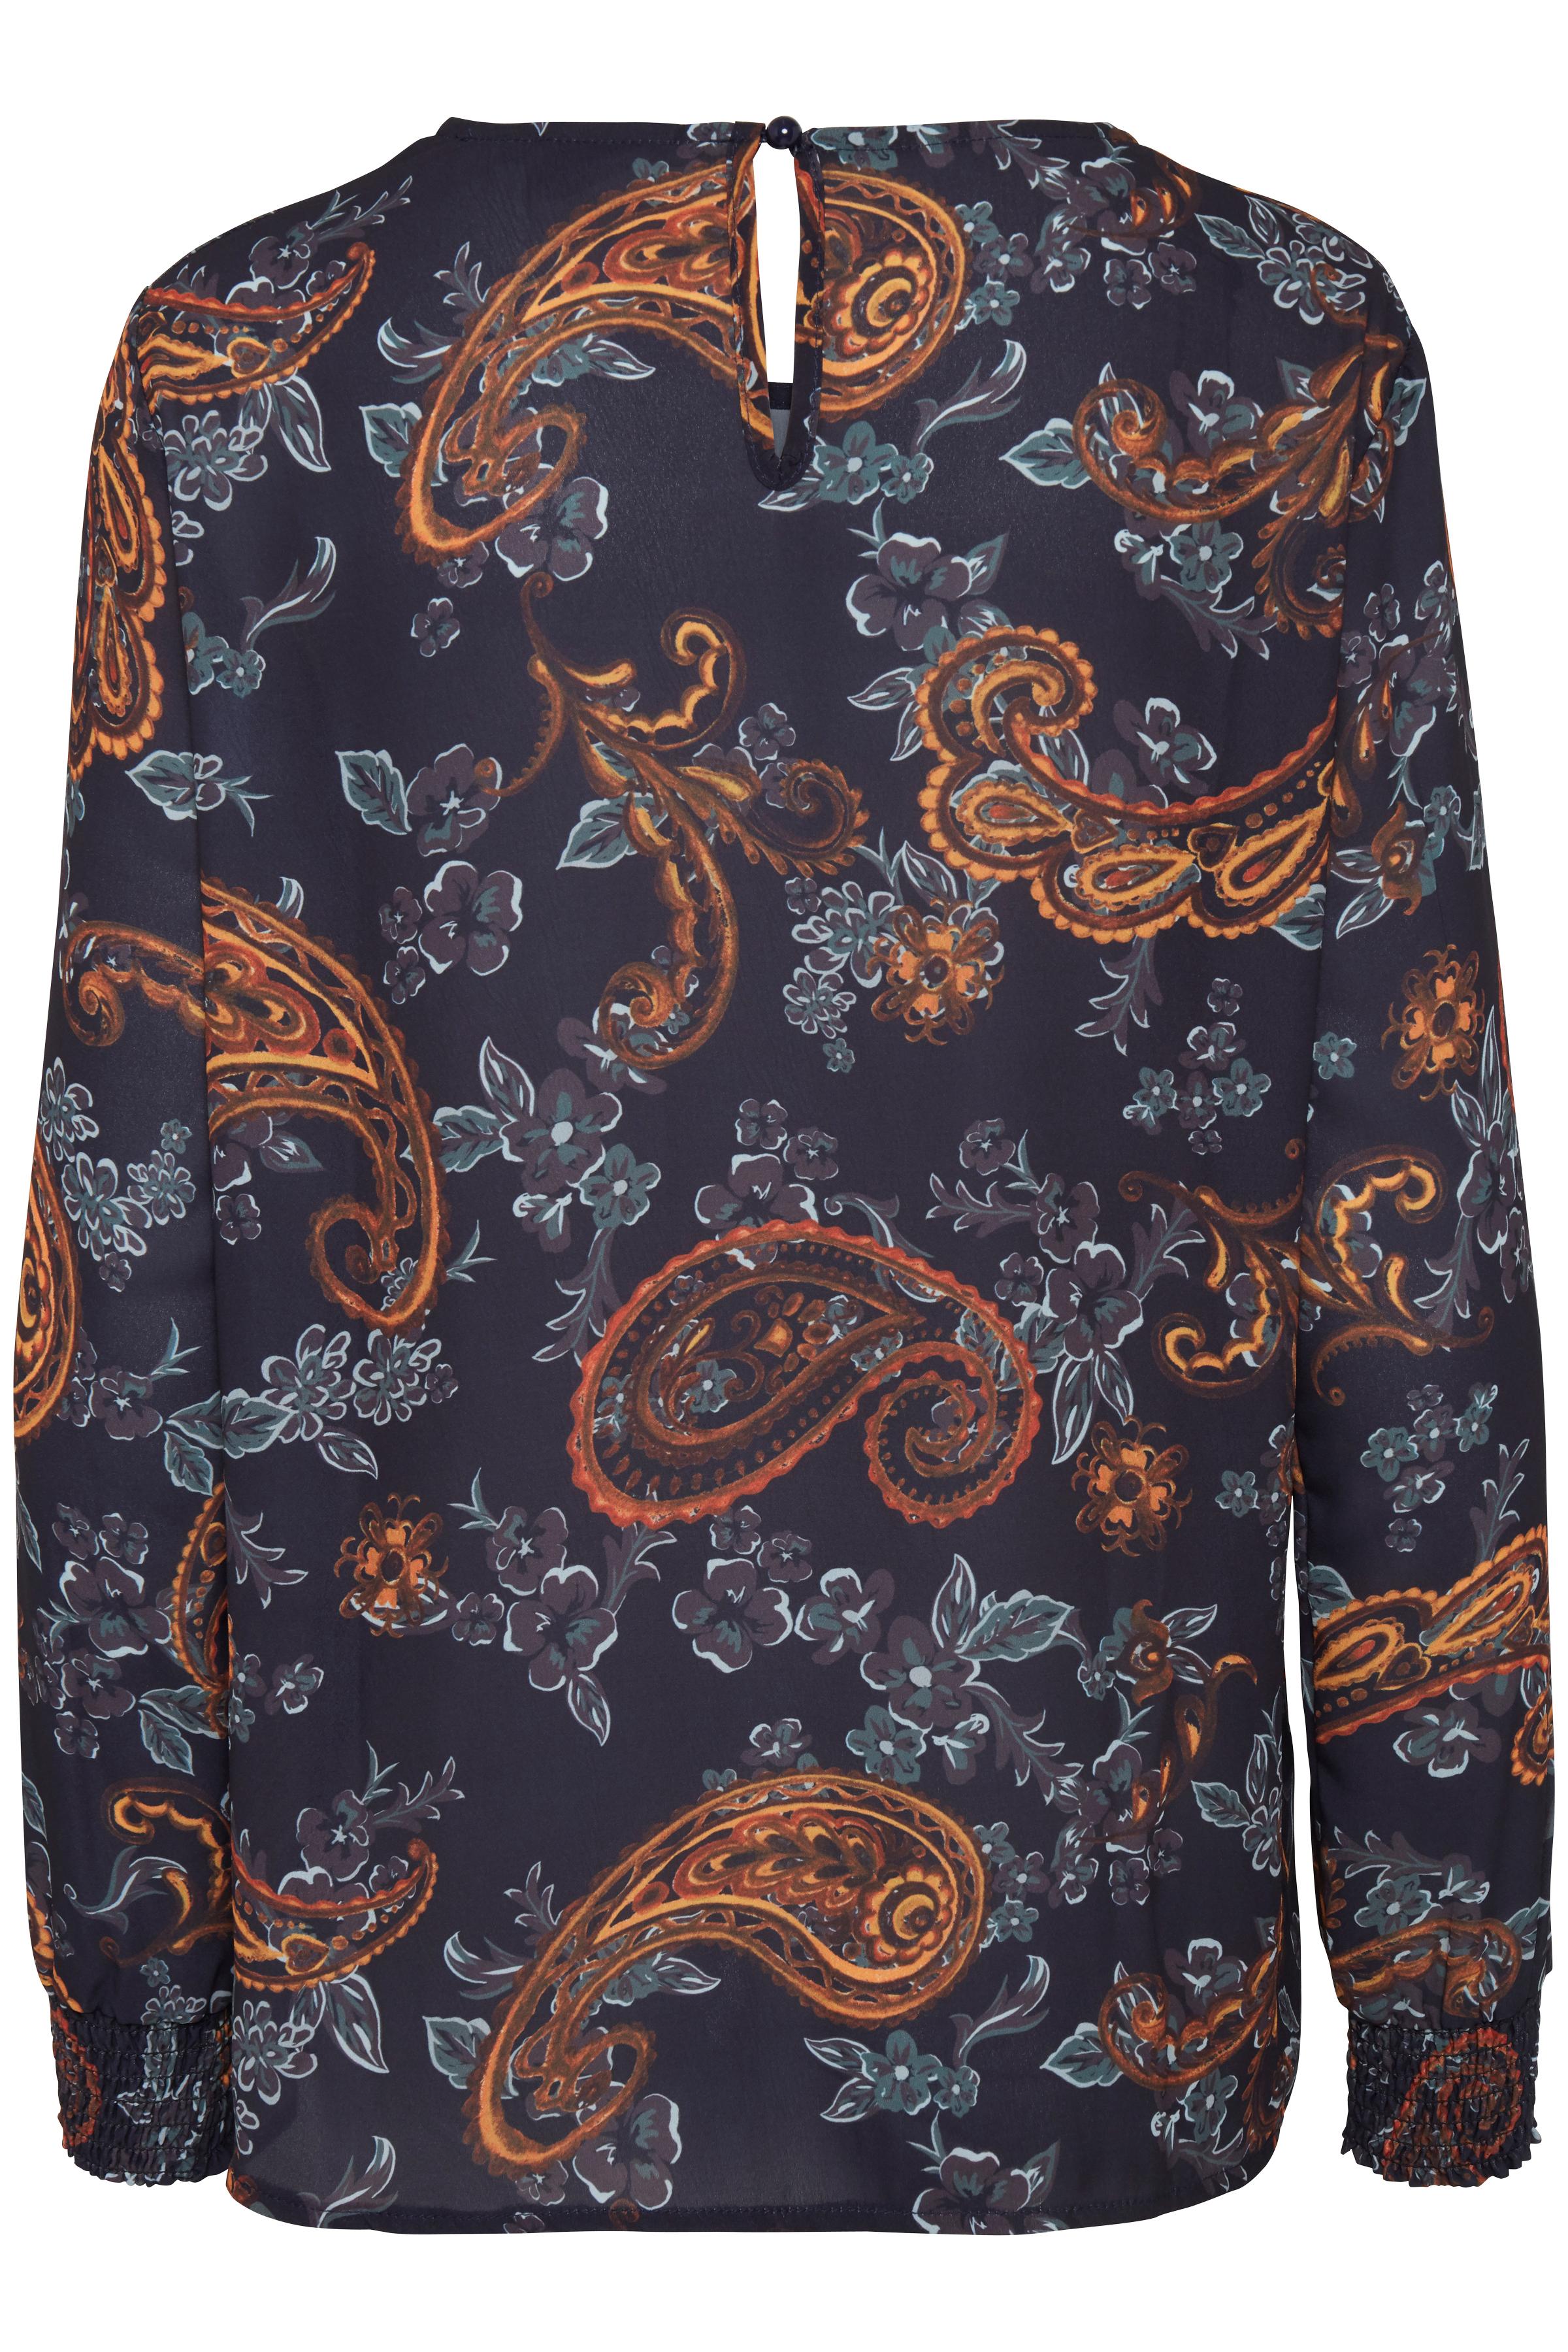 Paisley combi 1 Langærmet bluse fra b.young – Køb Paisley combi 1 Langærmet bluse fra str. 34-42 her